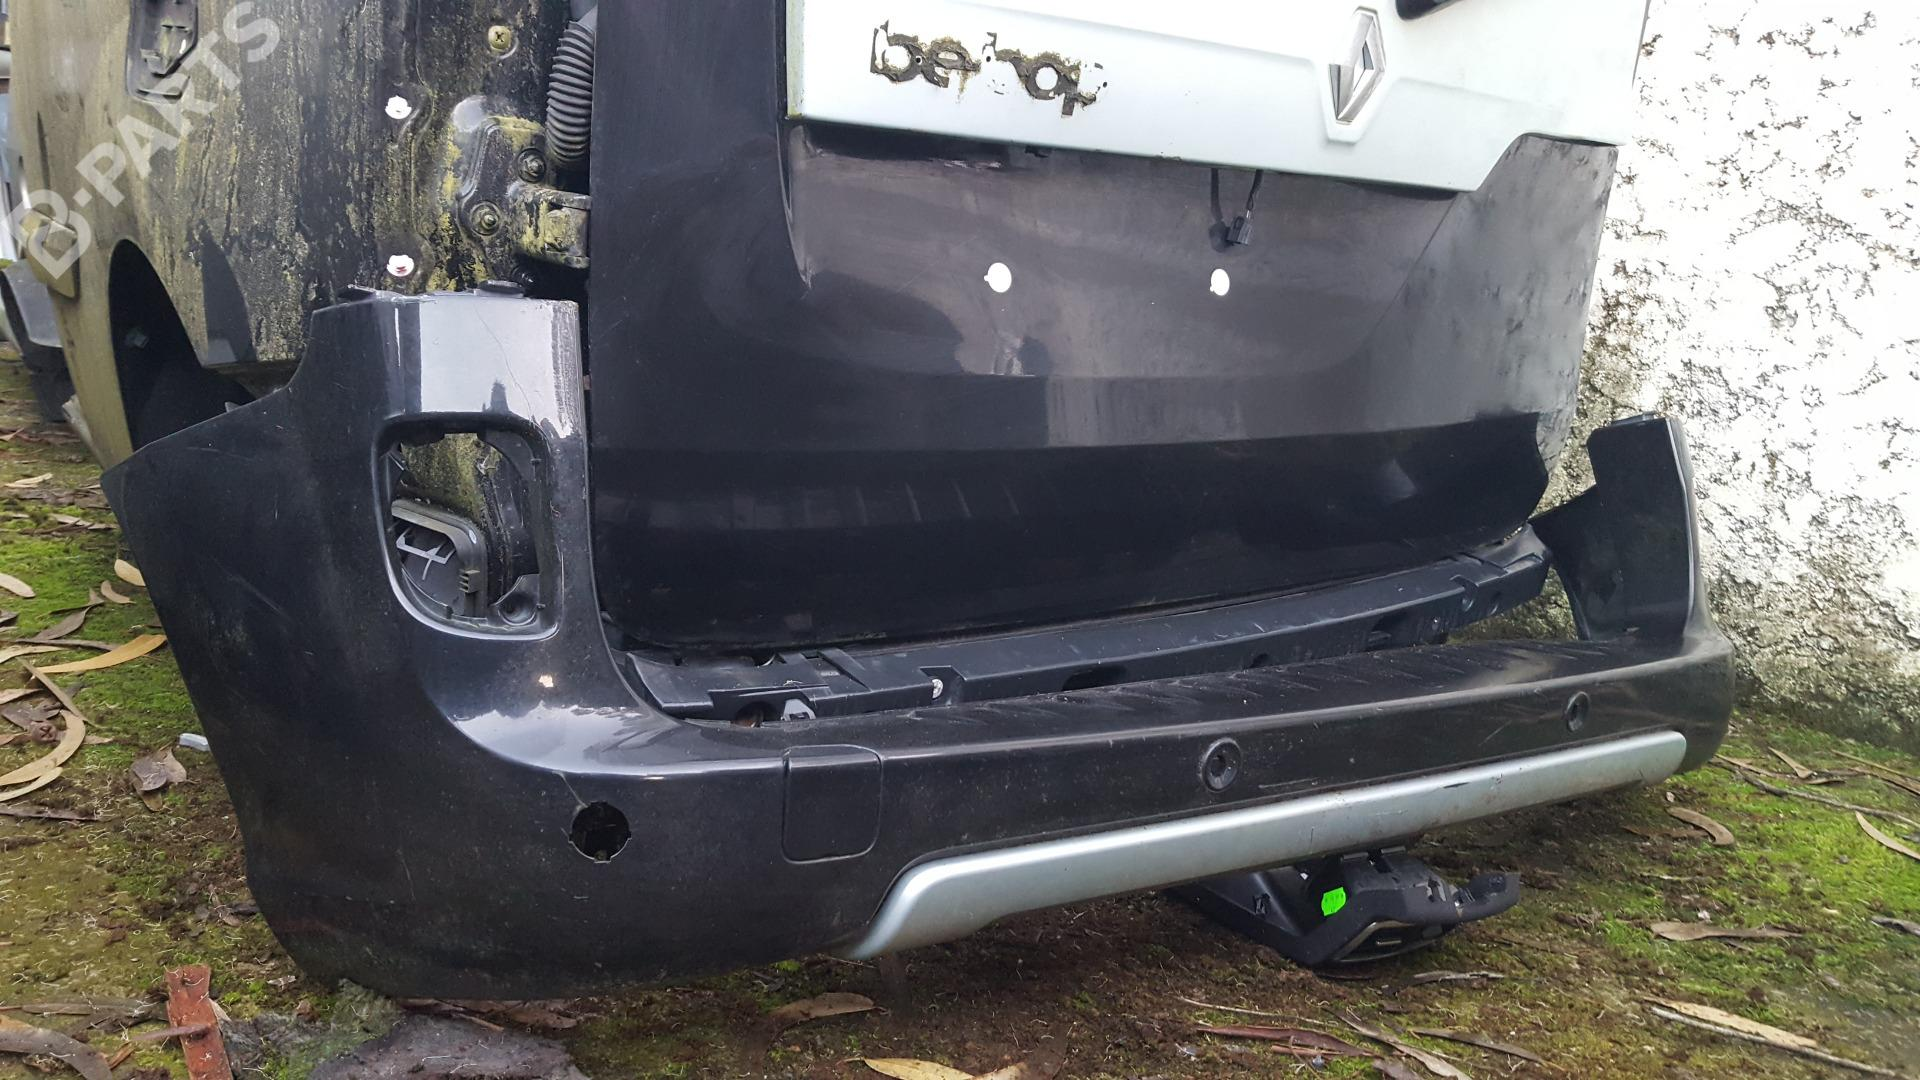 Bootsport-Artikel Frontstoßstange für Renault Kangoo und Kangoo Be Pop 2011 Auf Bootsport-Teile